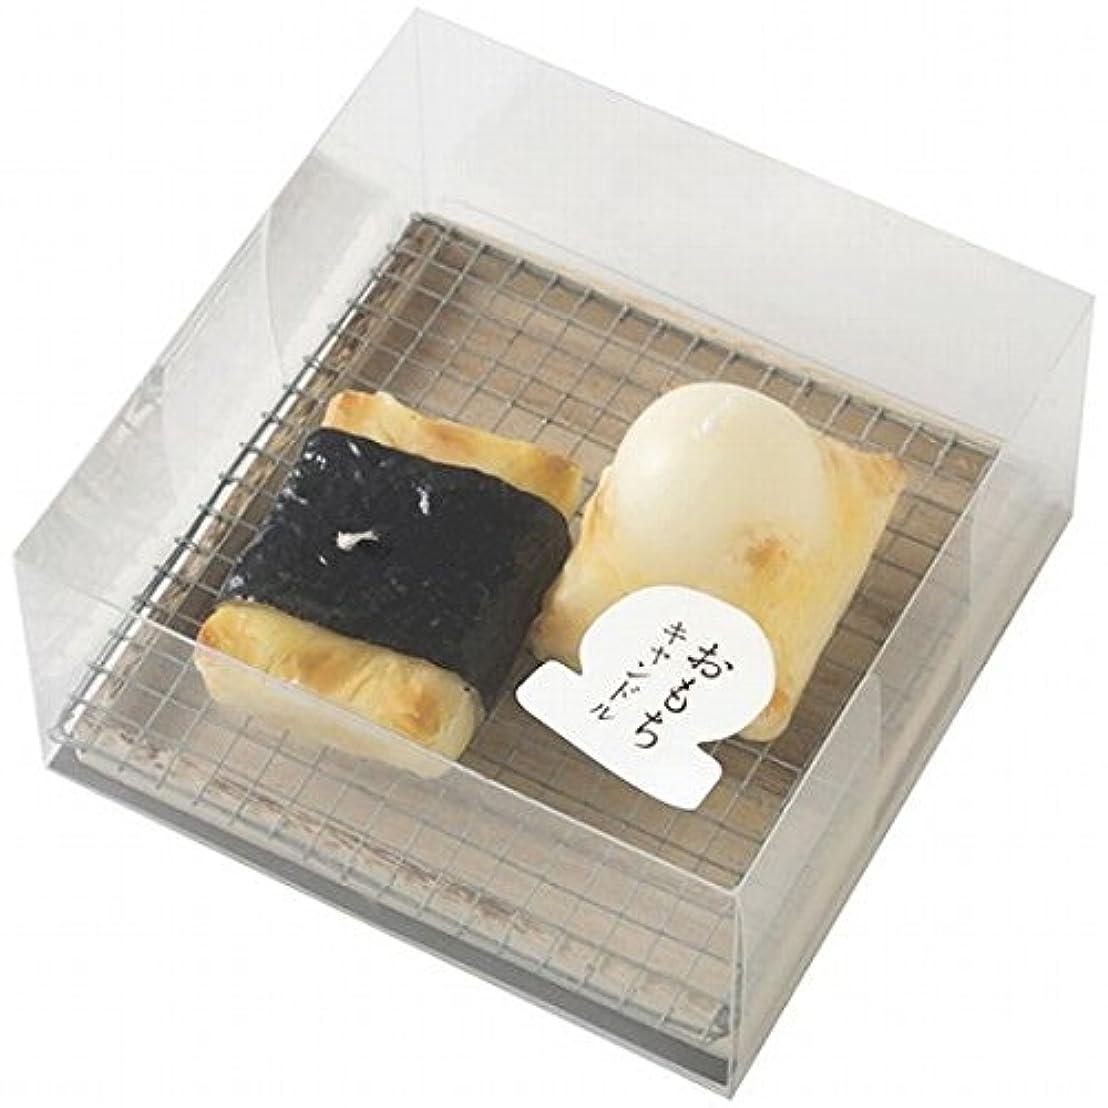 ライム流フィードオンカメヤマキャンドル(kameyama candle) おもちキャンドル